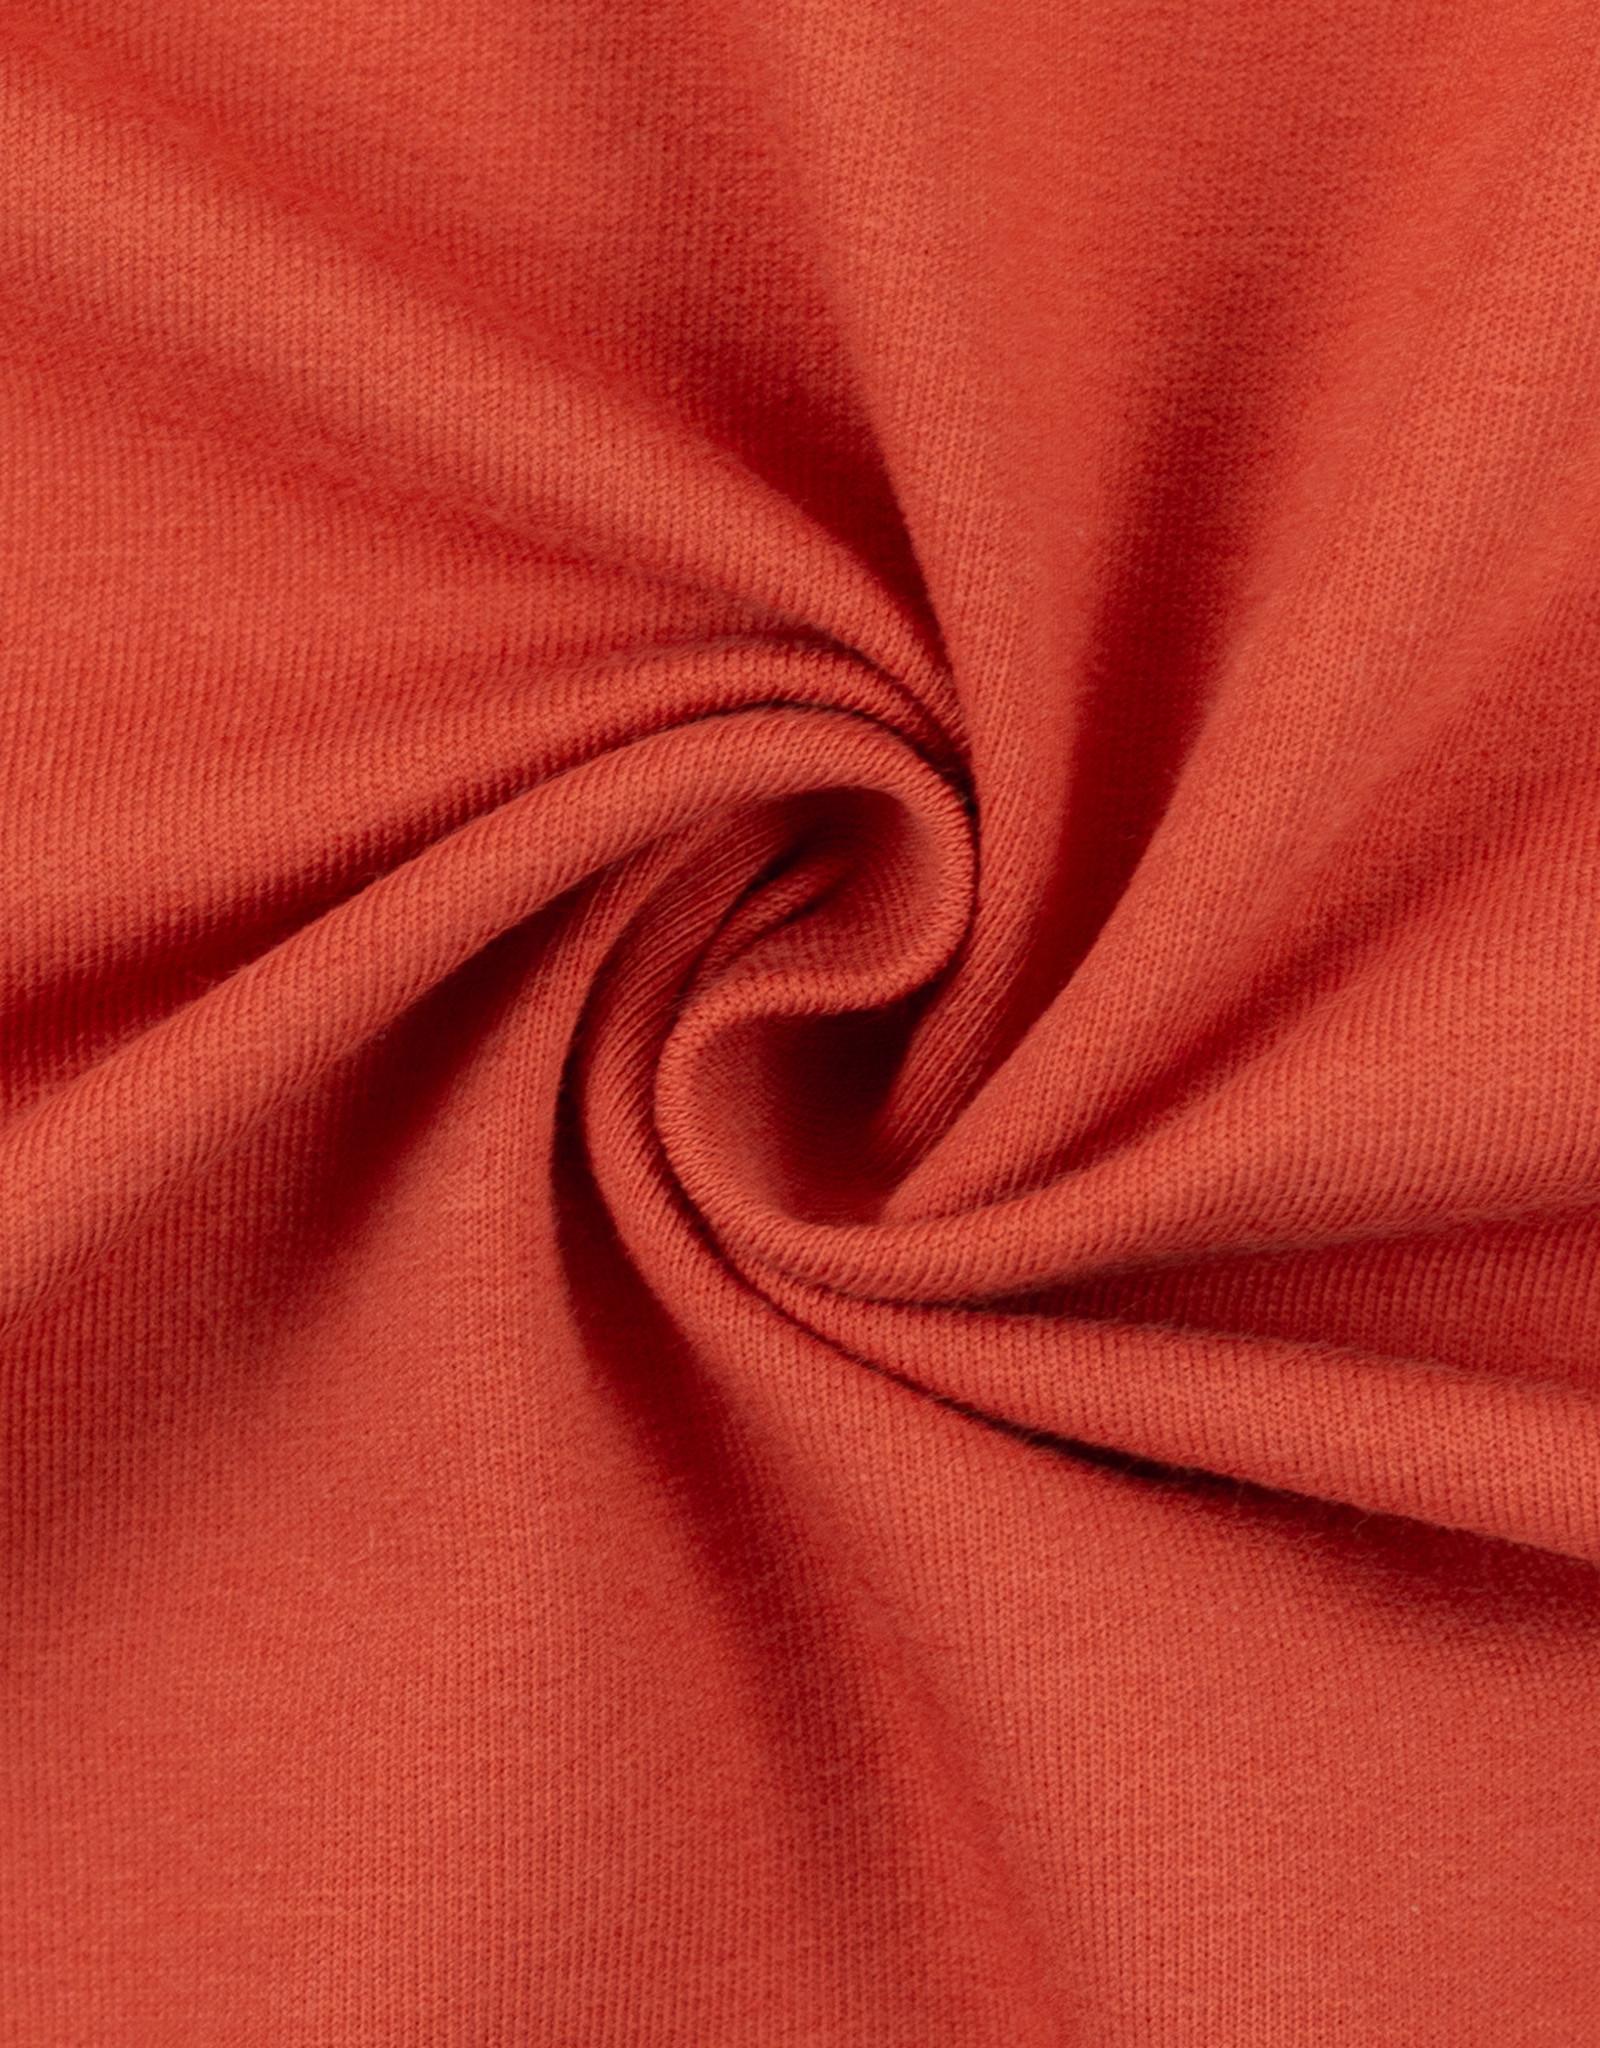 Sweat - Oranje